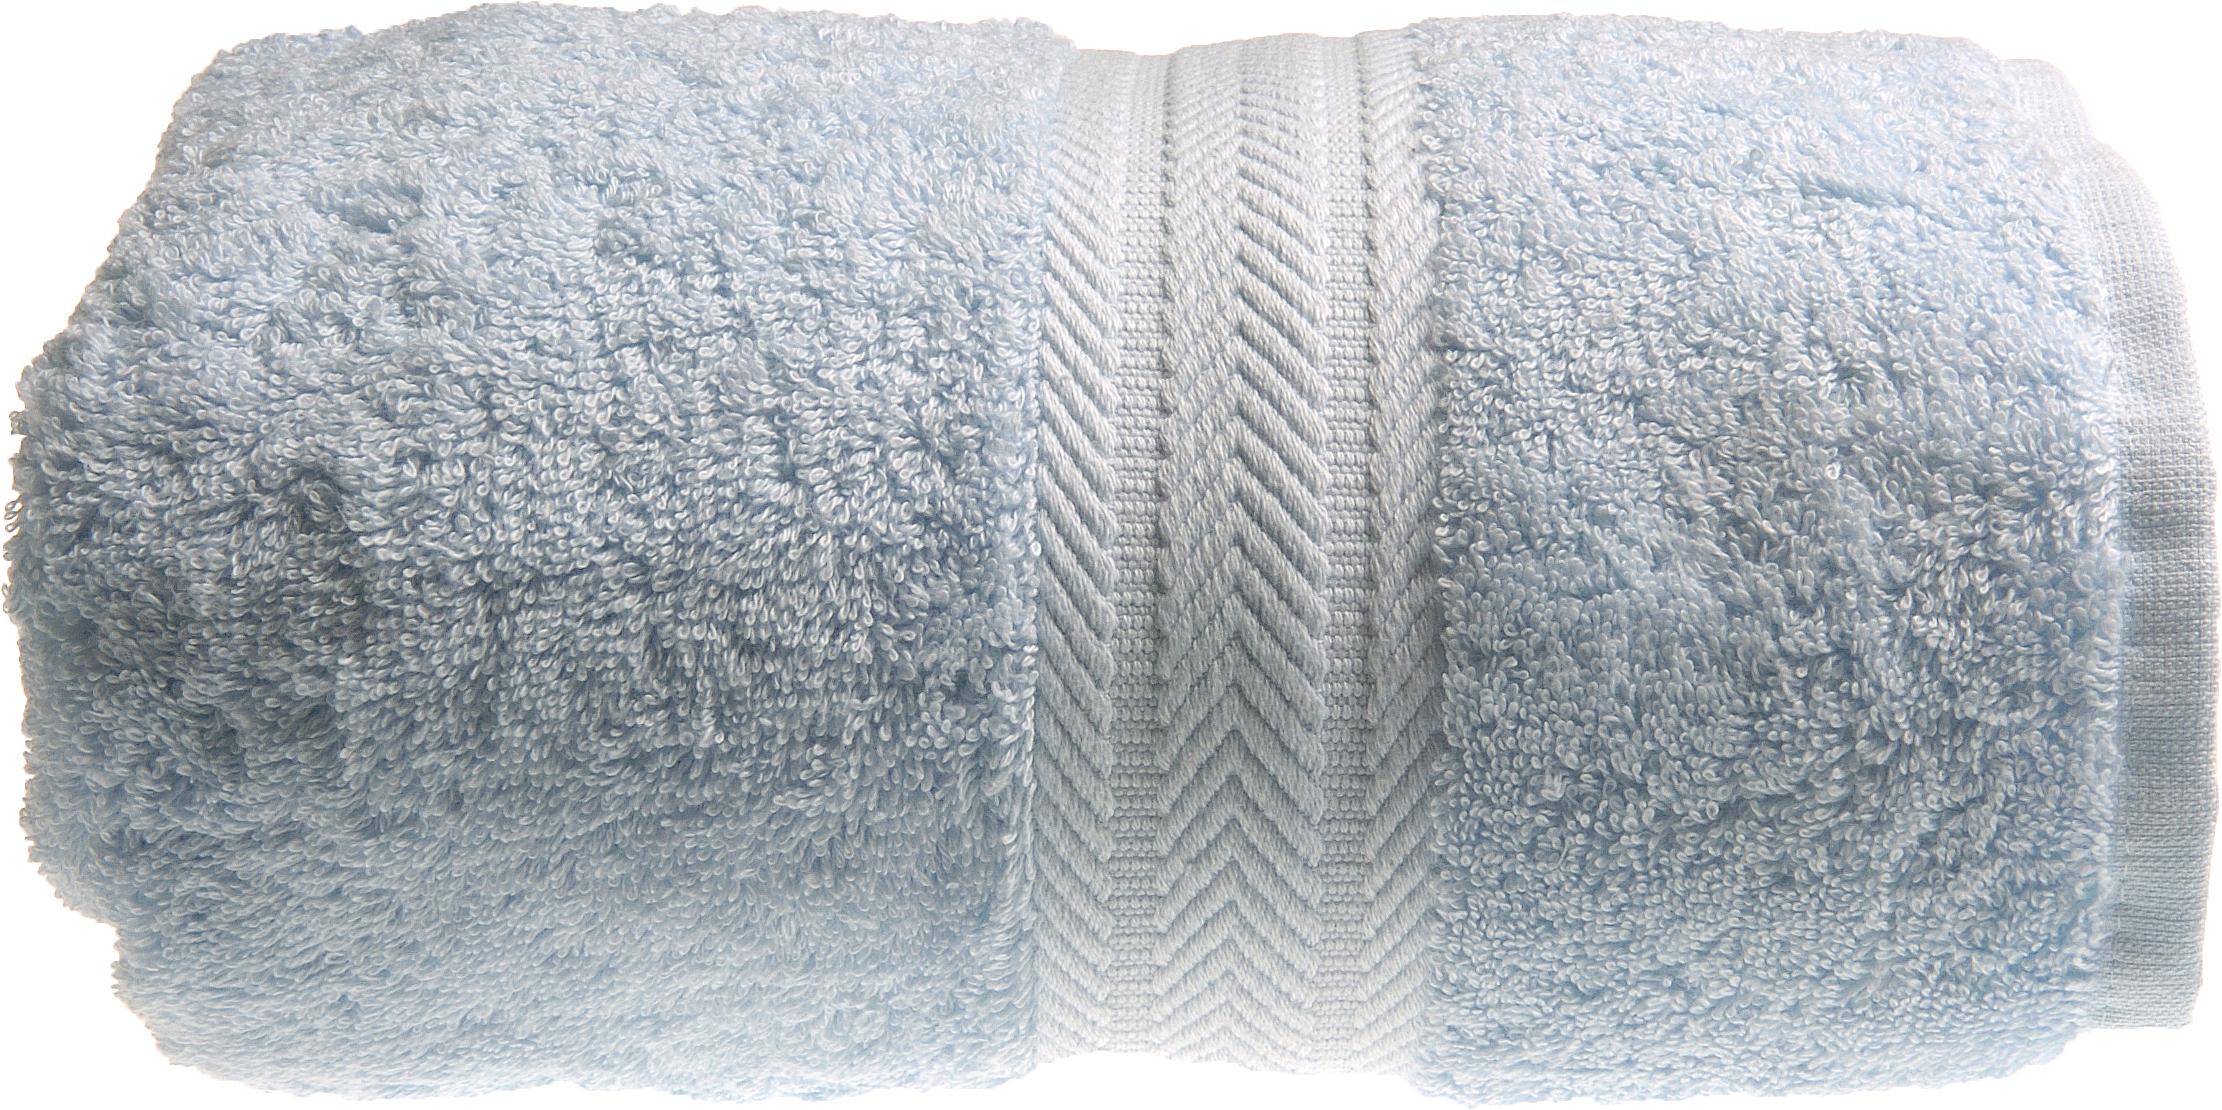 Serviette invitée 30 x 50 cm en Coton couleur Ciel (Ciel)